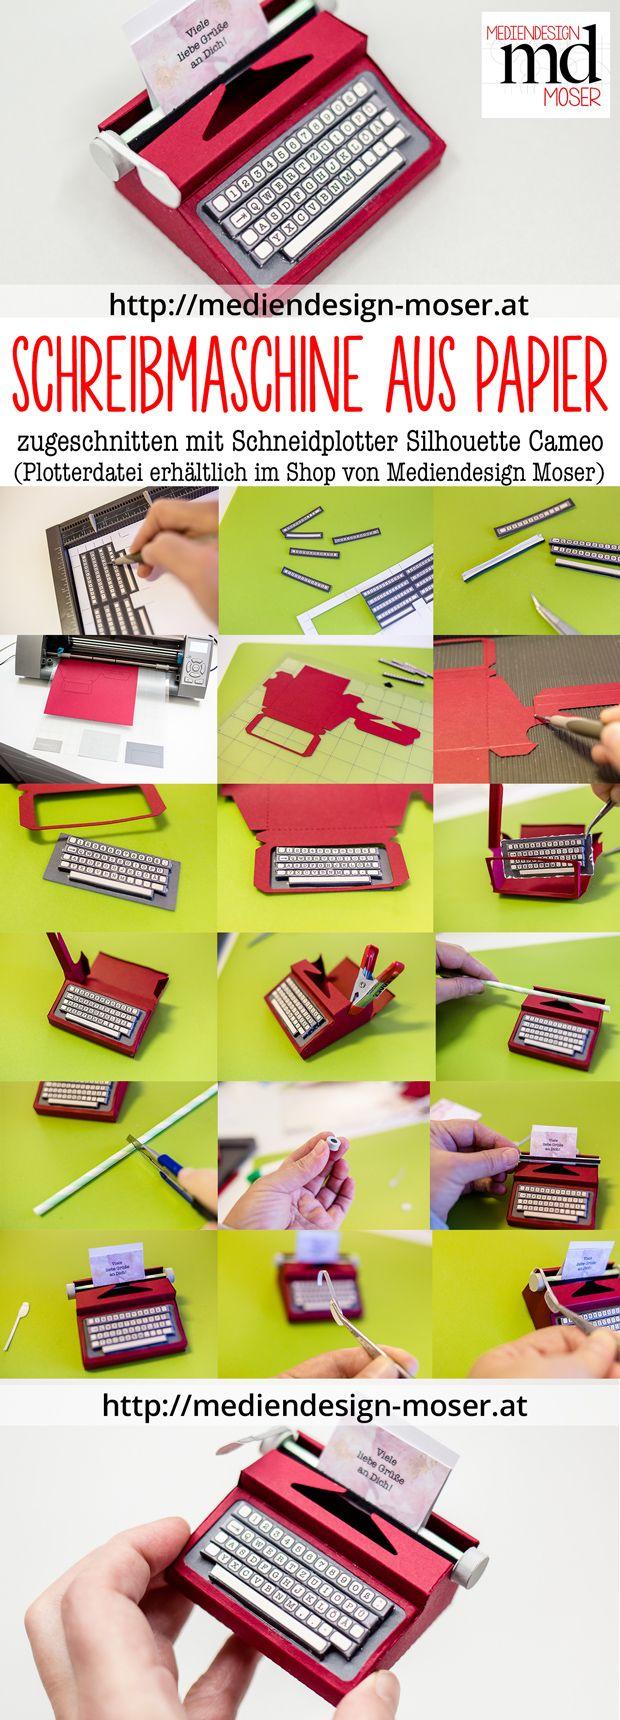 Eine Papier-Schreibmaschine mit dem Schneidplotter von Silhouette Cameo zuschneiden.